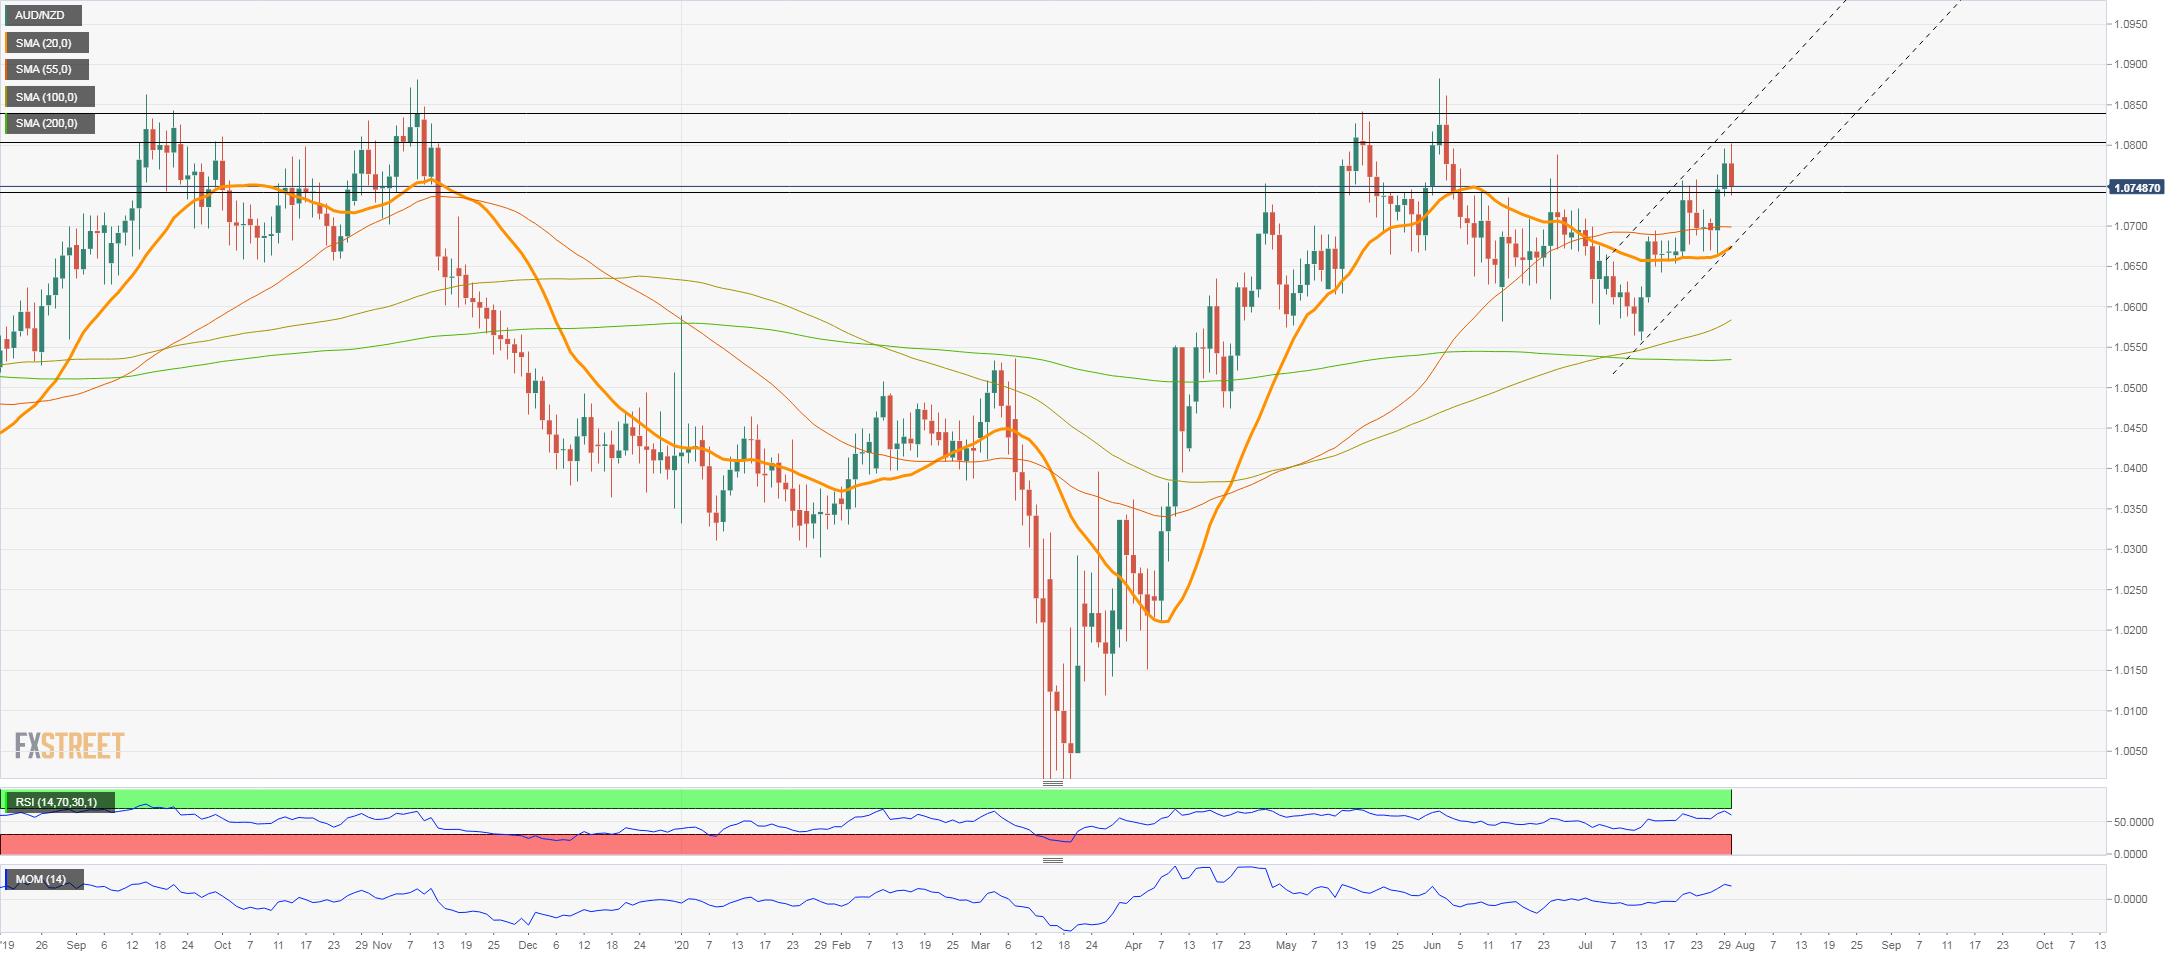 AUD/NZD Price Analysis: Upside bias, testing 1.0800